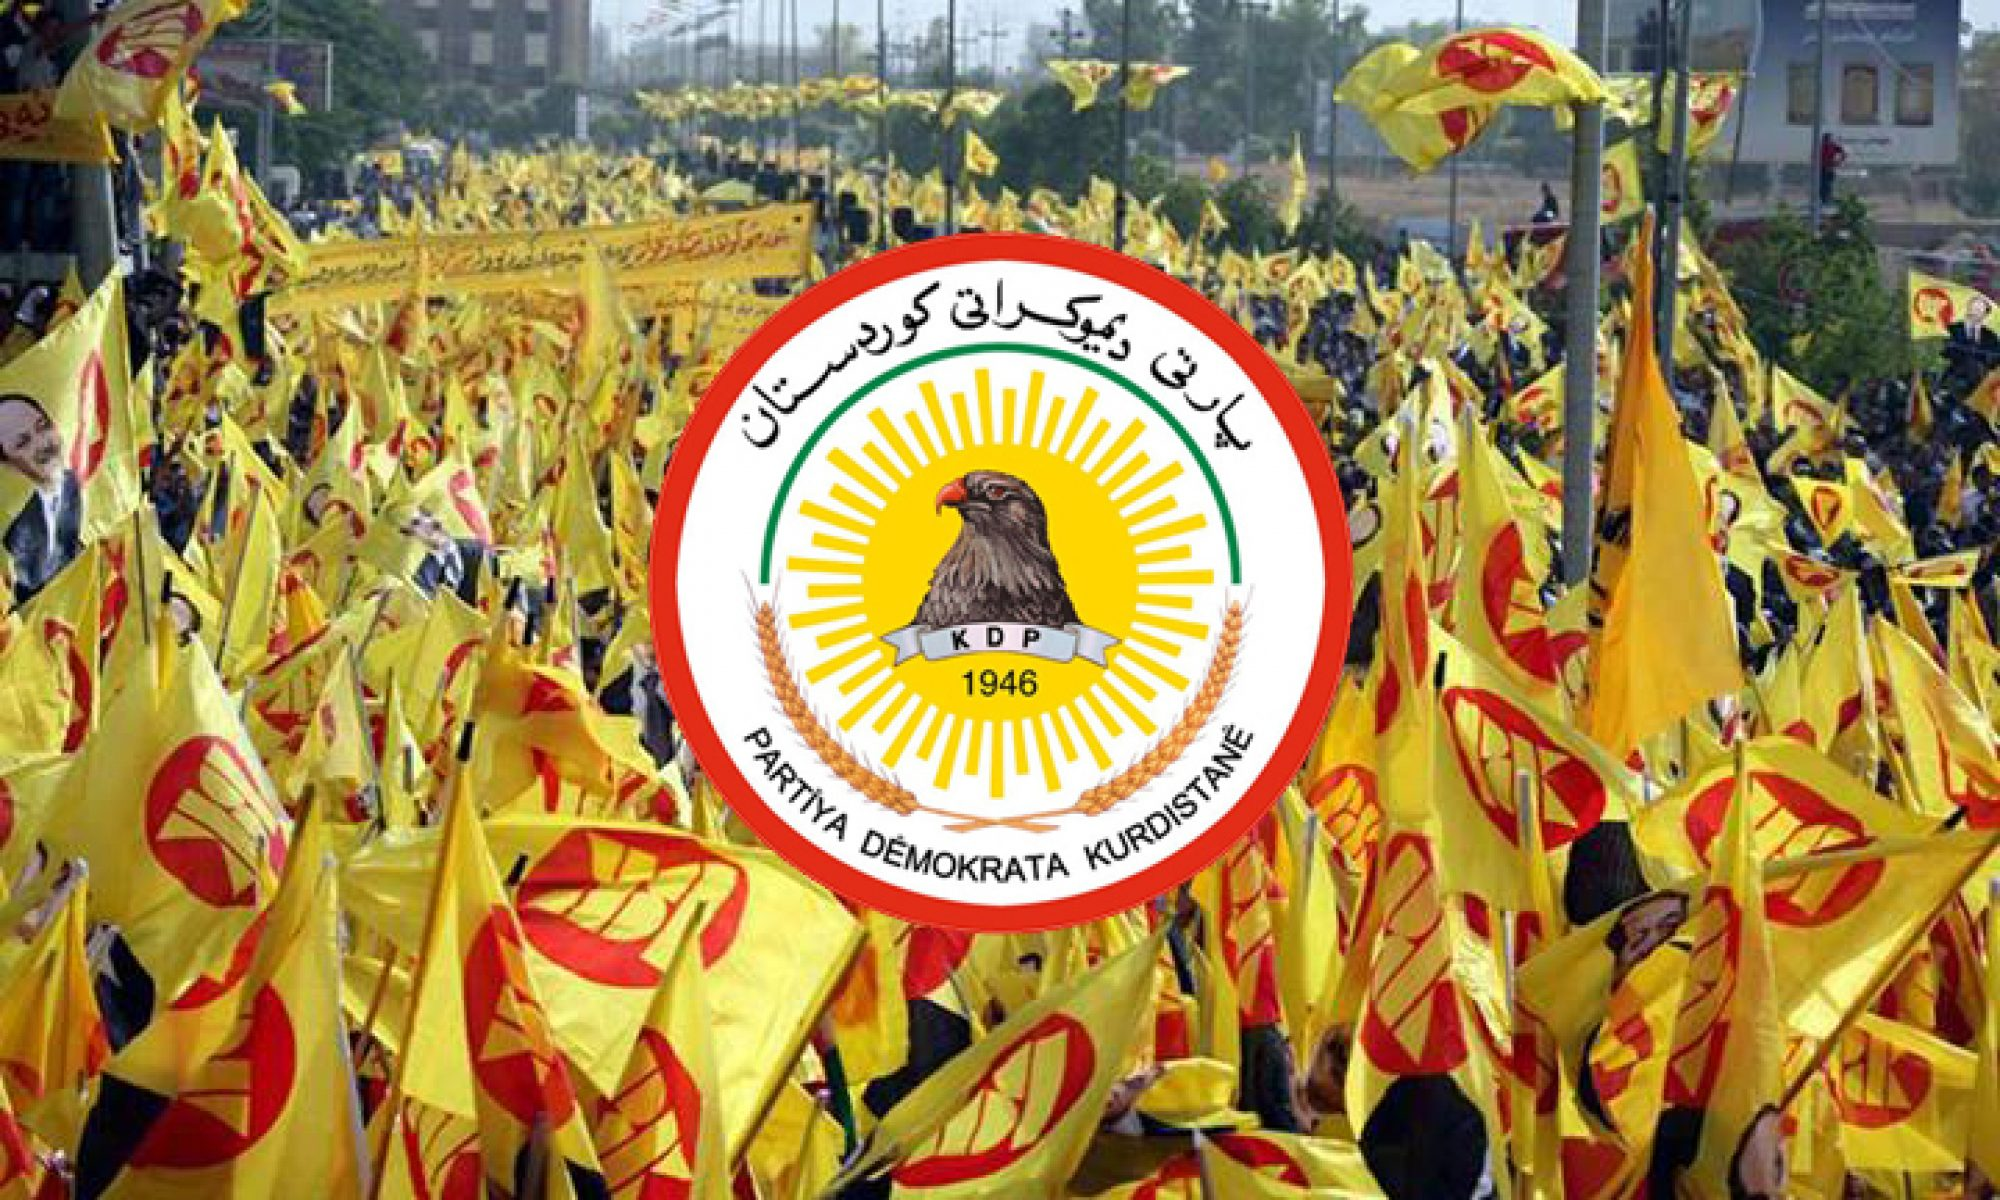 PDK'den önemli açıklama: PKK'nin de Kürdistan Bölgesi'ni çatışma sahasına çevirmekten vazgeçmesi gerek